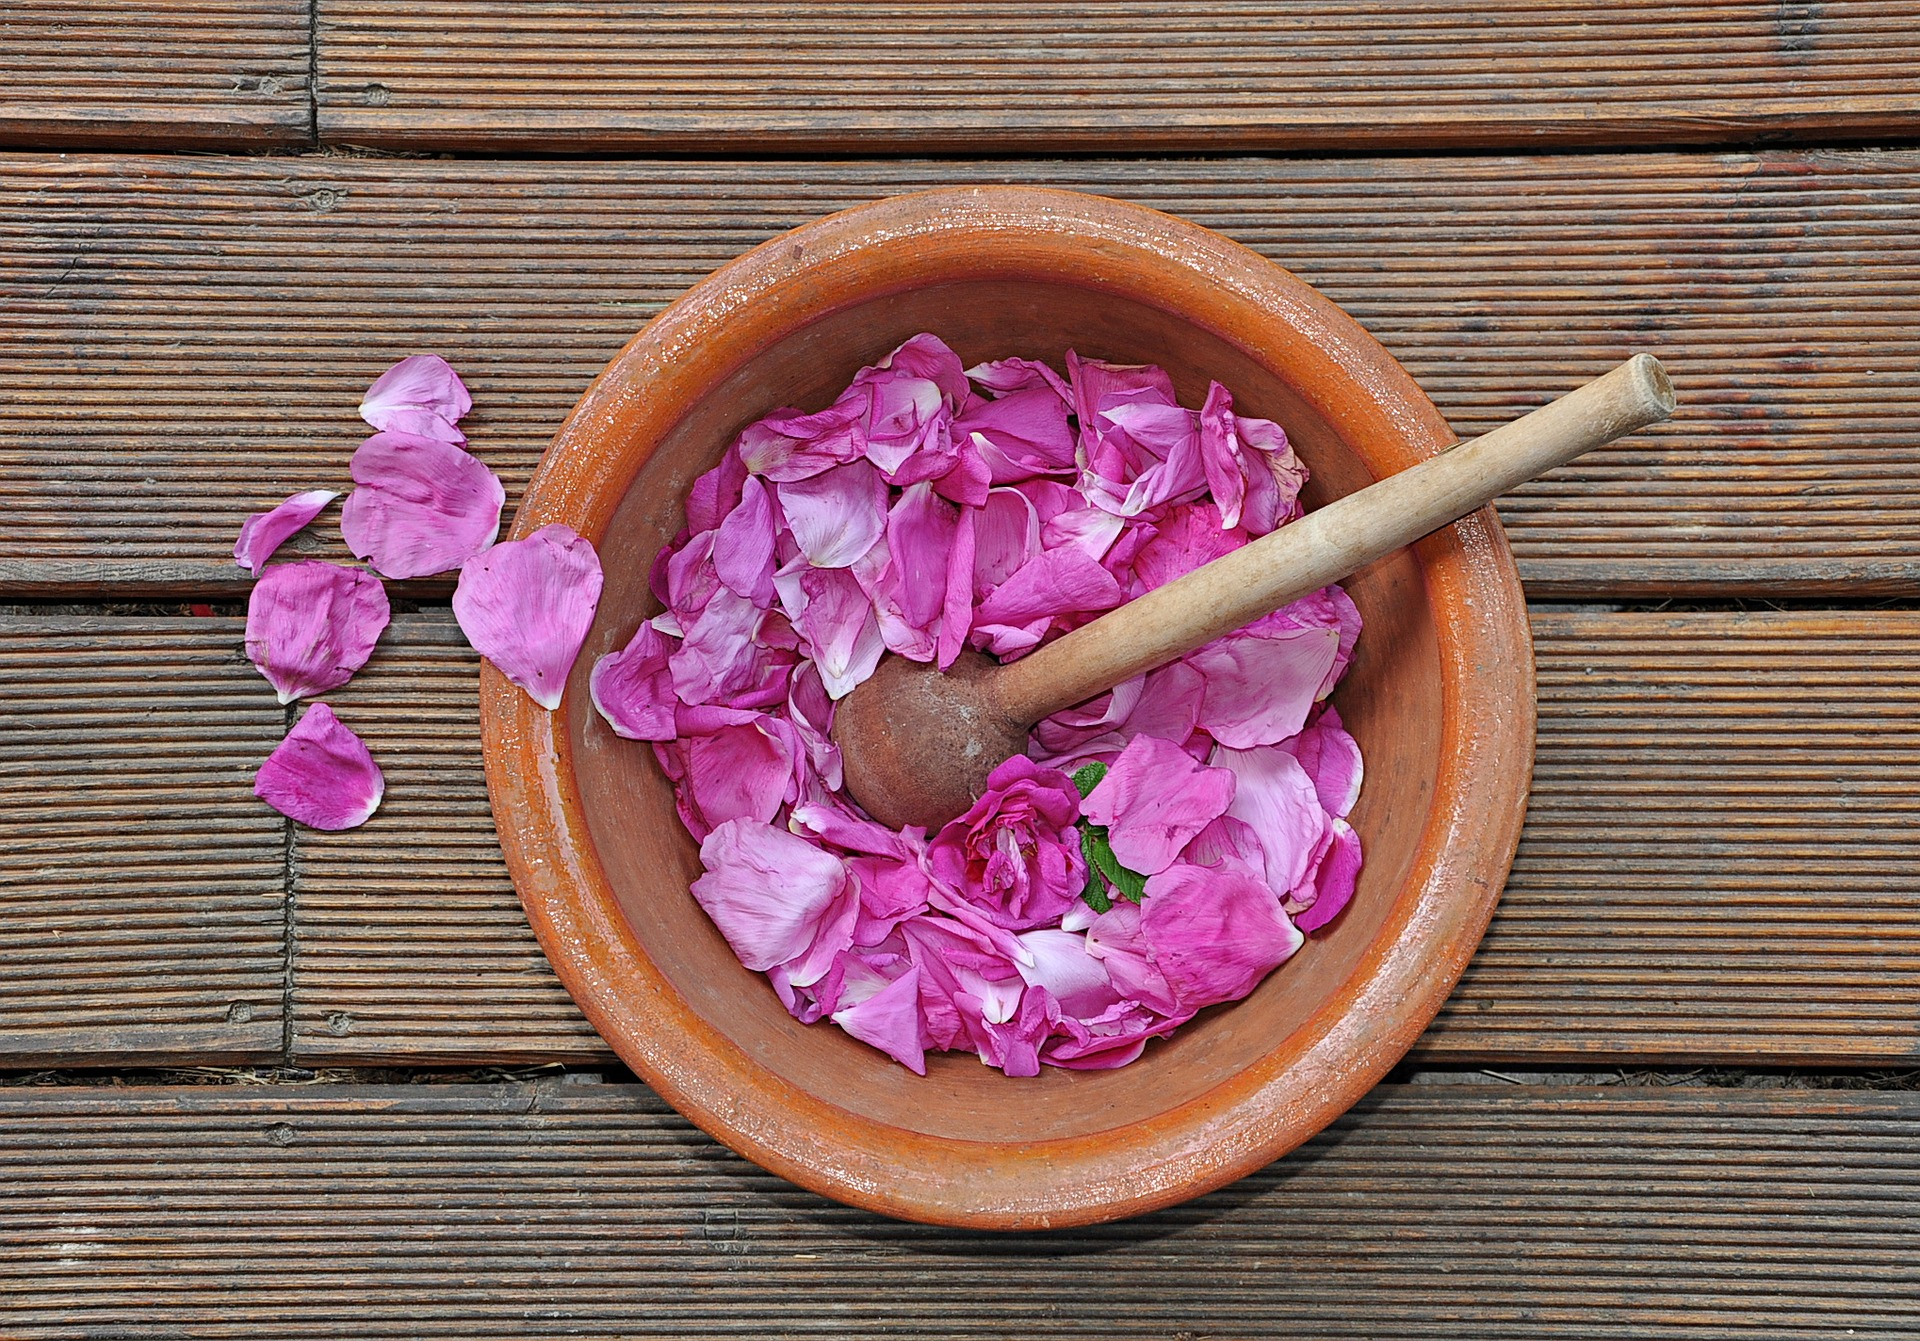 rose petals edible flowers